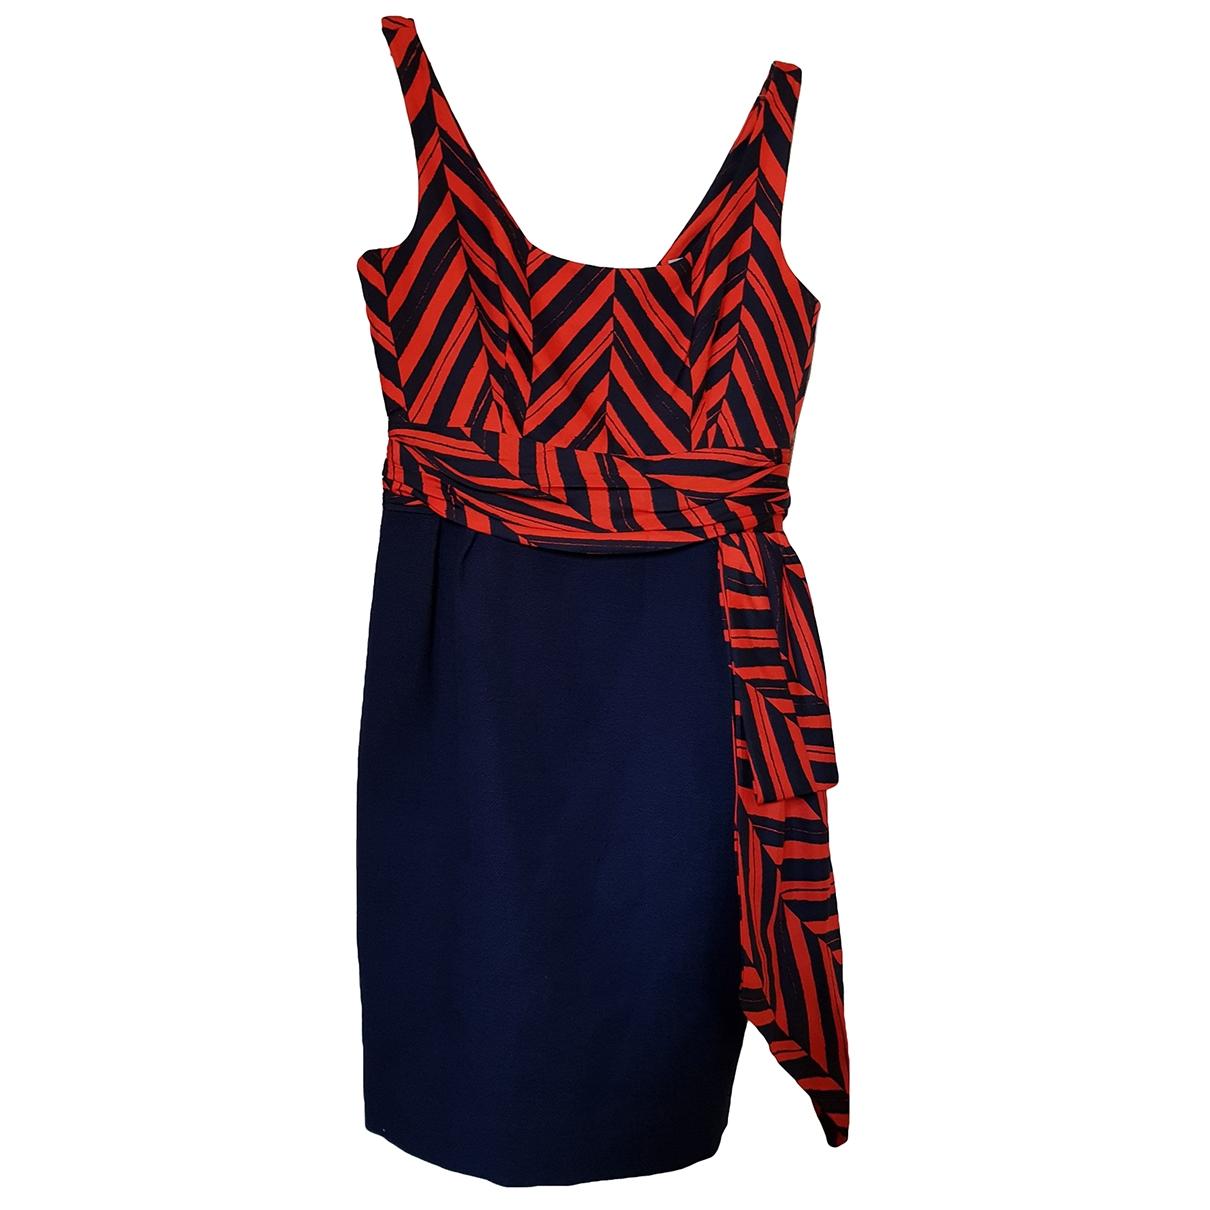 Milly \N Kleid in  Bunt Baumwolle